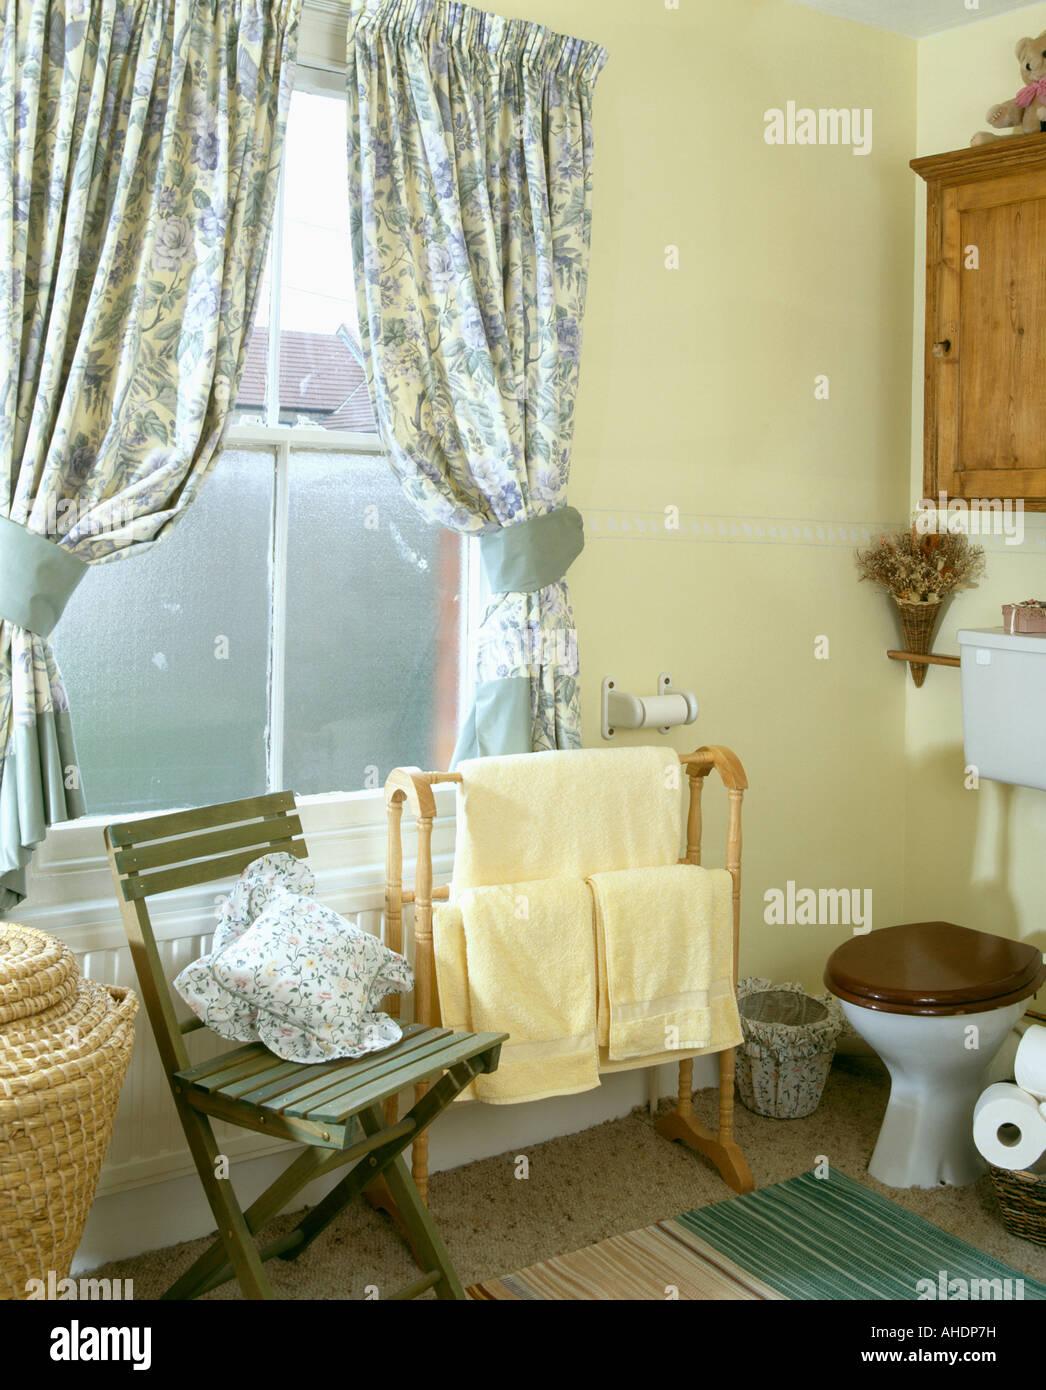 https www alamyimages fr photo image rideaux a motif floral bleu avec embrasses en jaune pale jaune salle de bains avec seche serviettes en bois sur 14442484 html